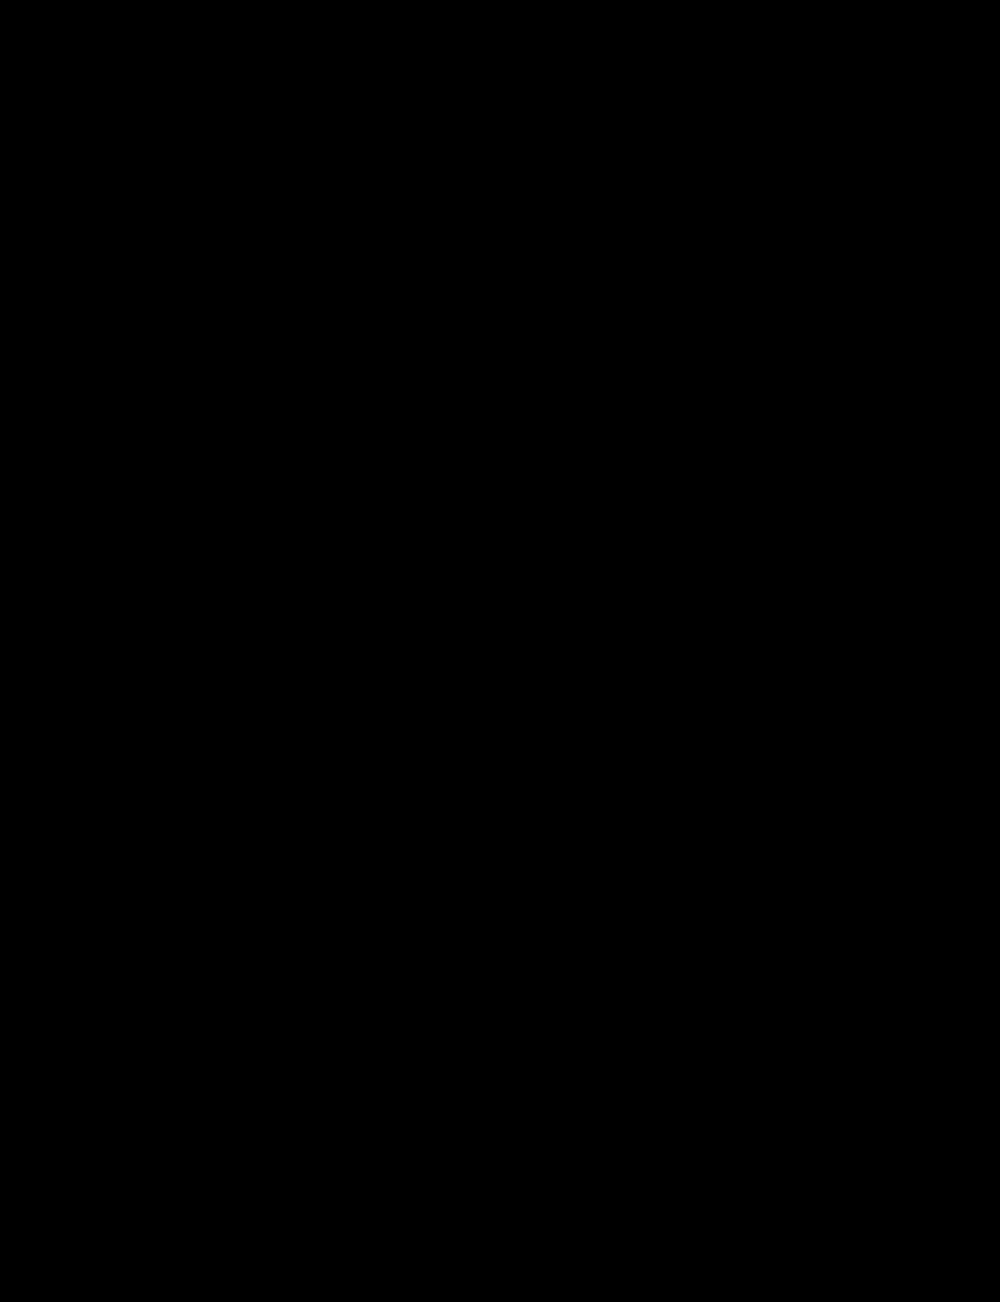 A braided chignon